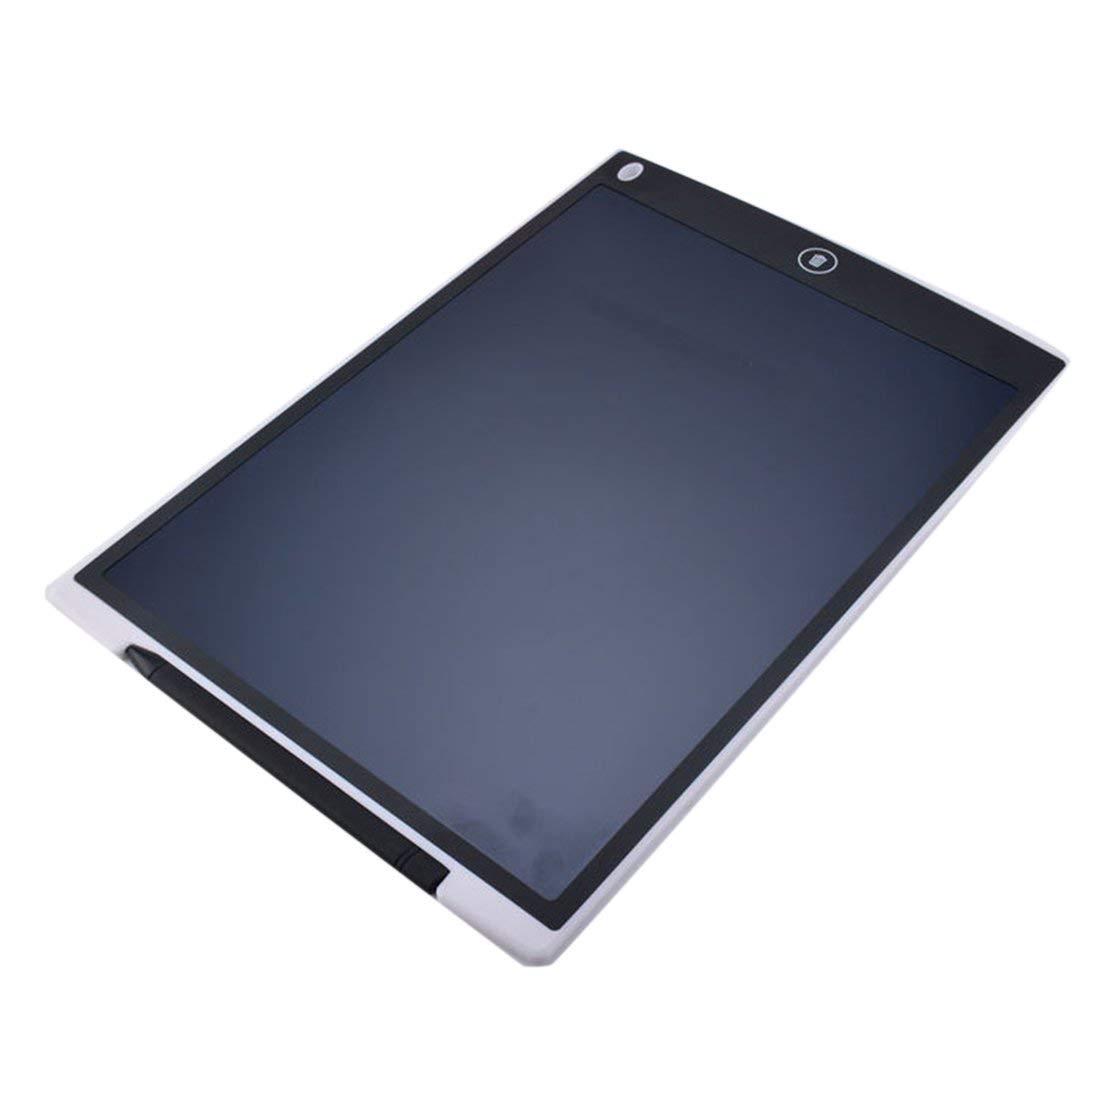 LouiseEvel215 Ultrad/ünne 12 Zoll LCD Digital Schreibtafel Zeichenbrett Sketchpad Elektronische Grafikkarte mit Mauspad Lineal